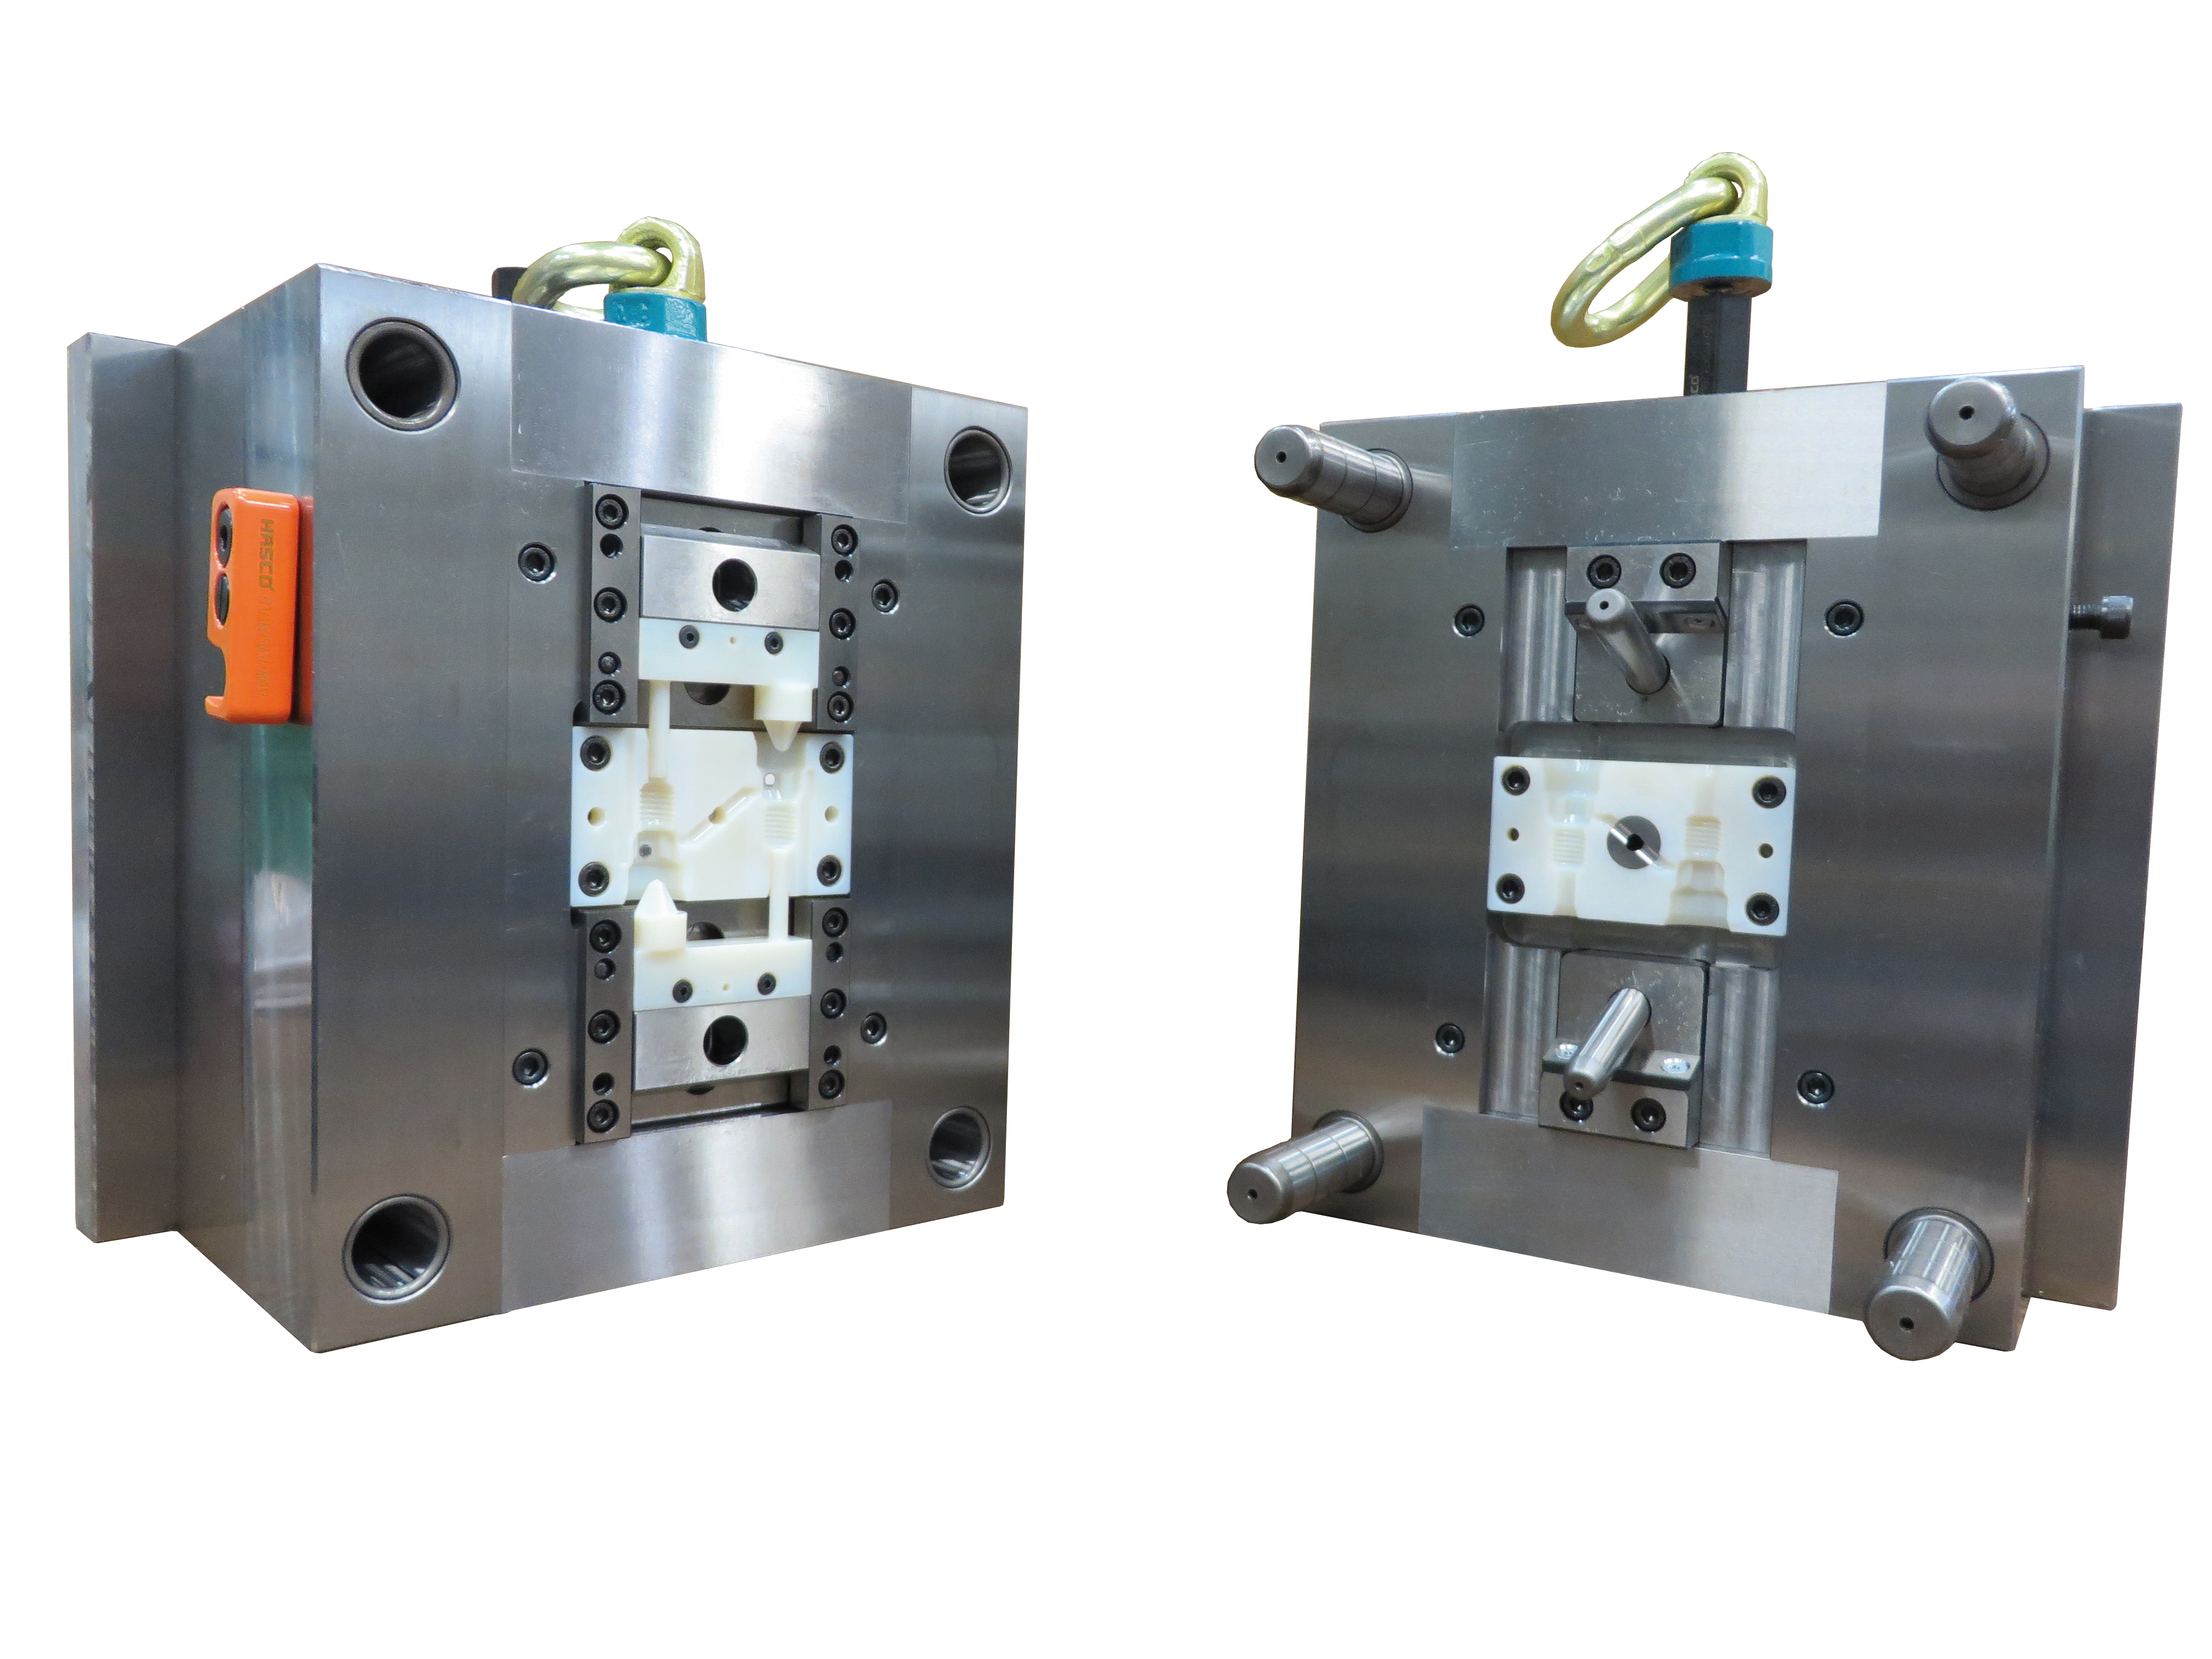 In nur wenigen Stunden druckt HASCO Einsätze für Spritzgussformen mit Stratasys PolyJet 3D-Druck-Lösungen und kann so Designänderungen in einem Bruchteil der Zeit und Kosten durchführen, die bei traditionellen Herstellungsmethoden anfallen.